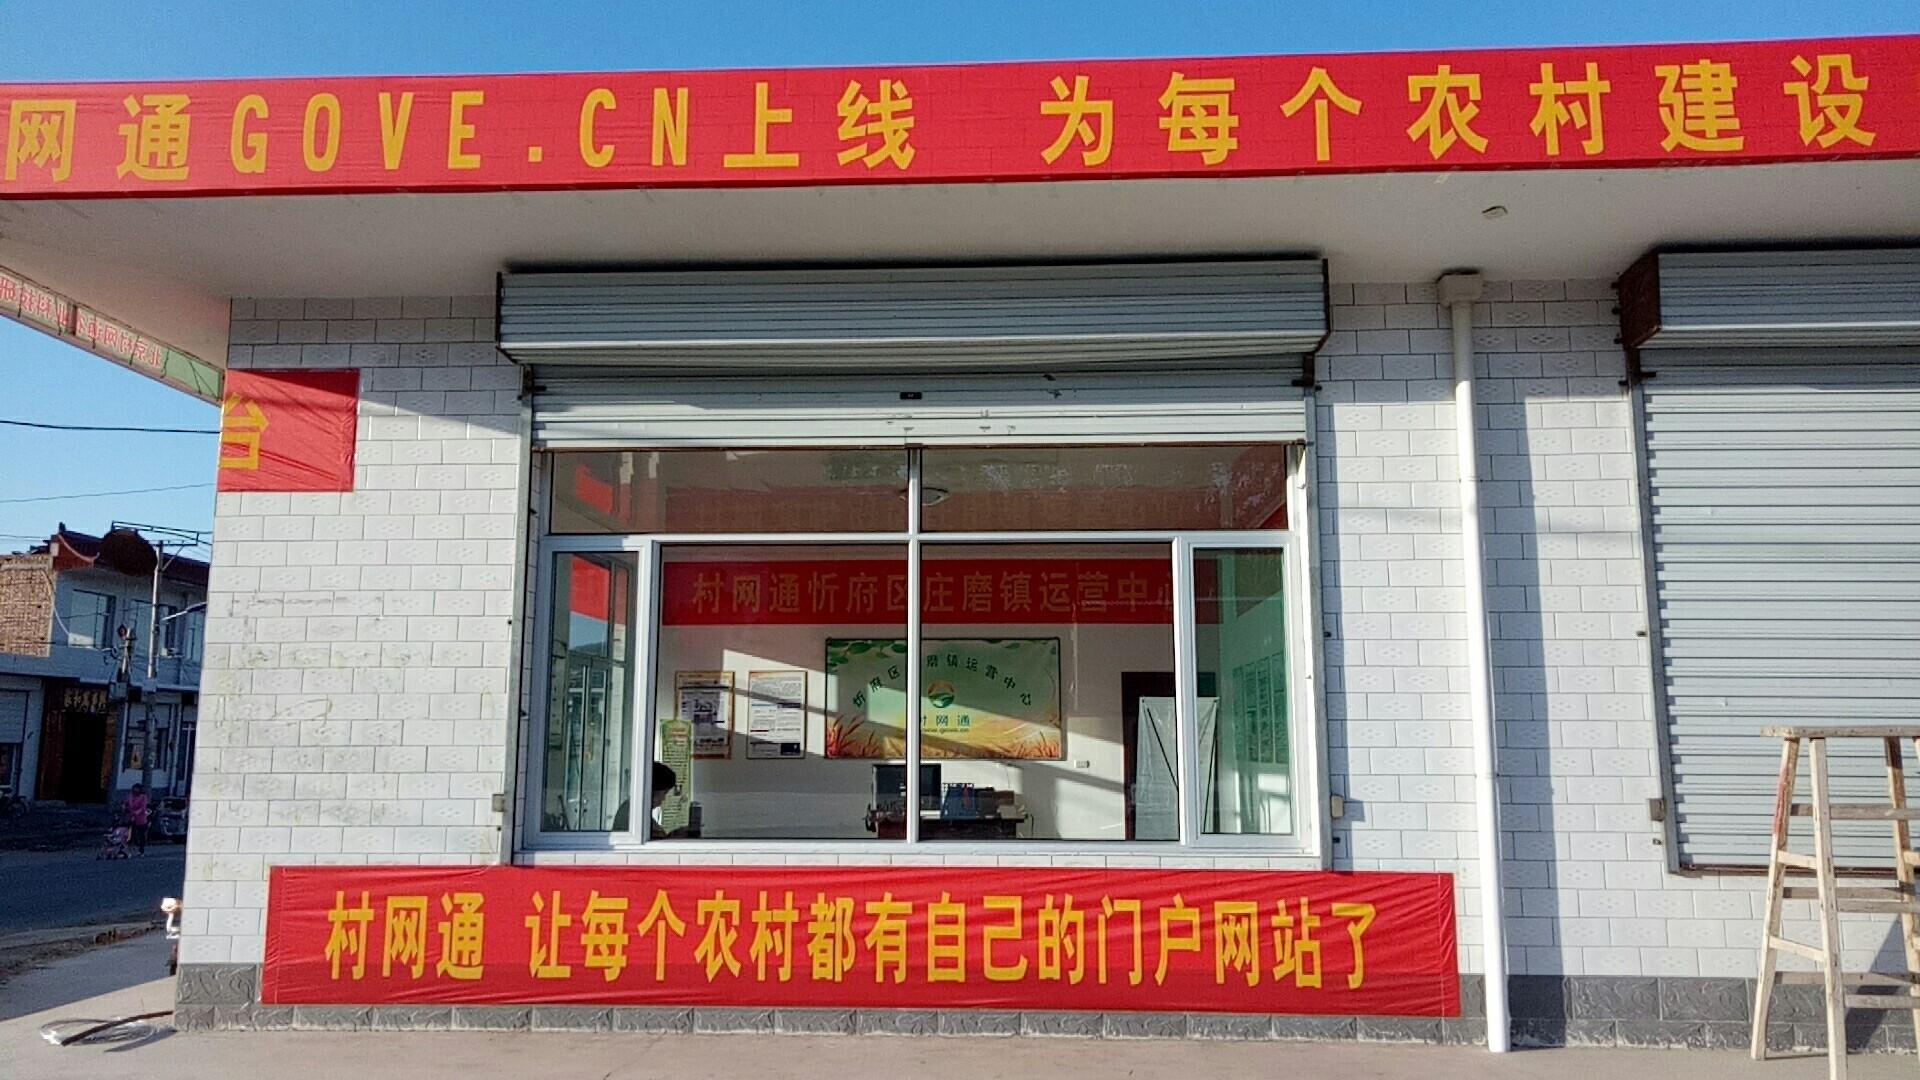 村網通忻府區莊磨首期站長培訓舉行